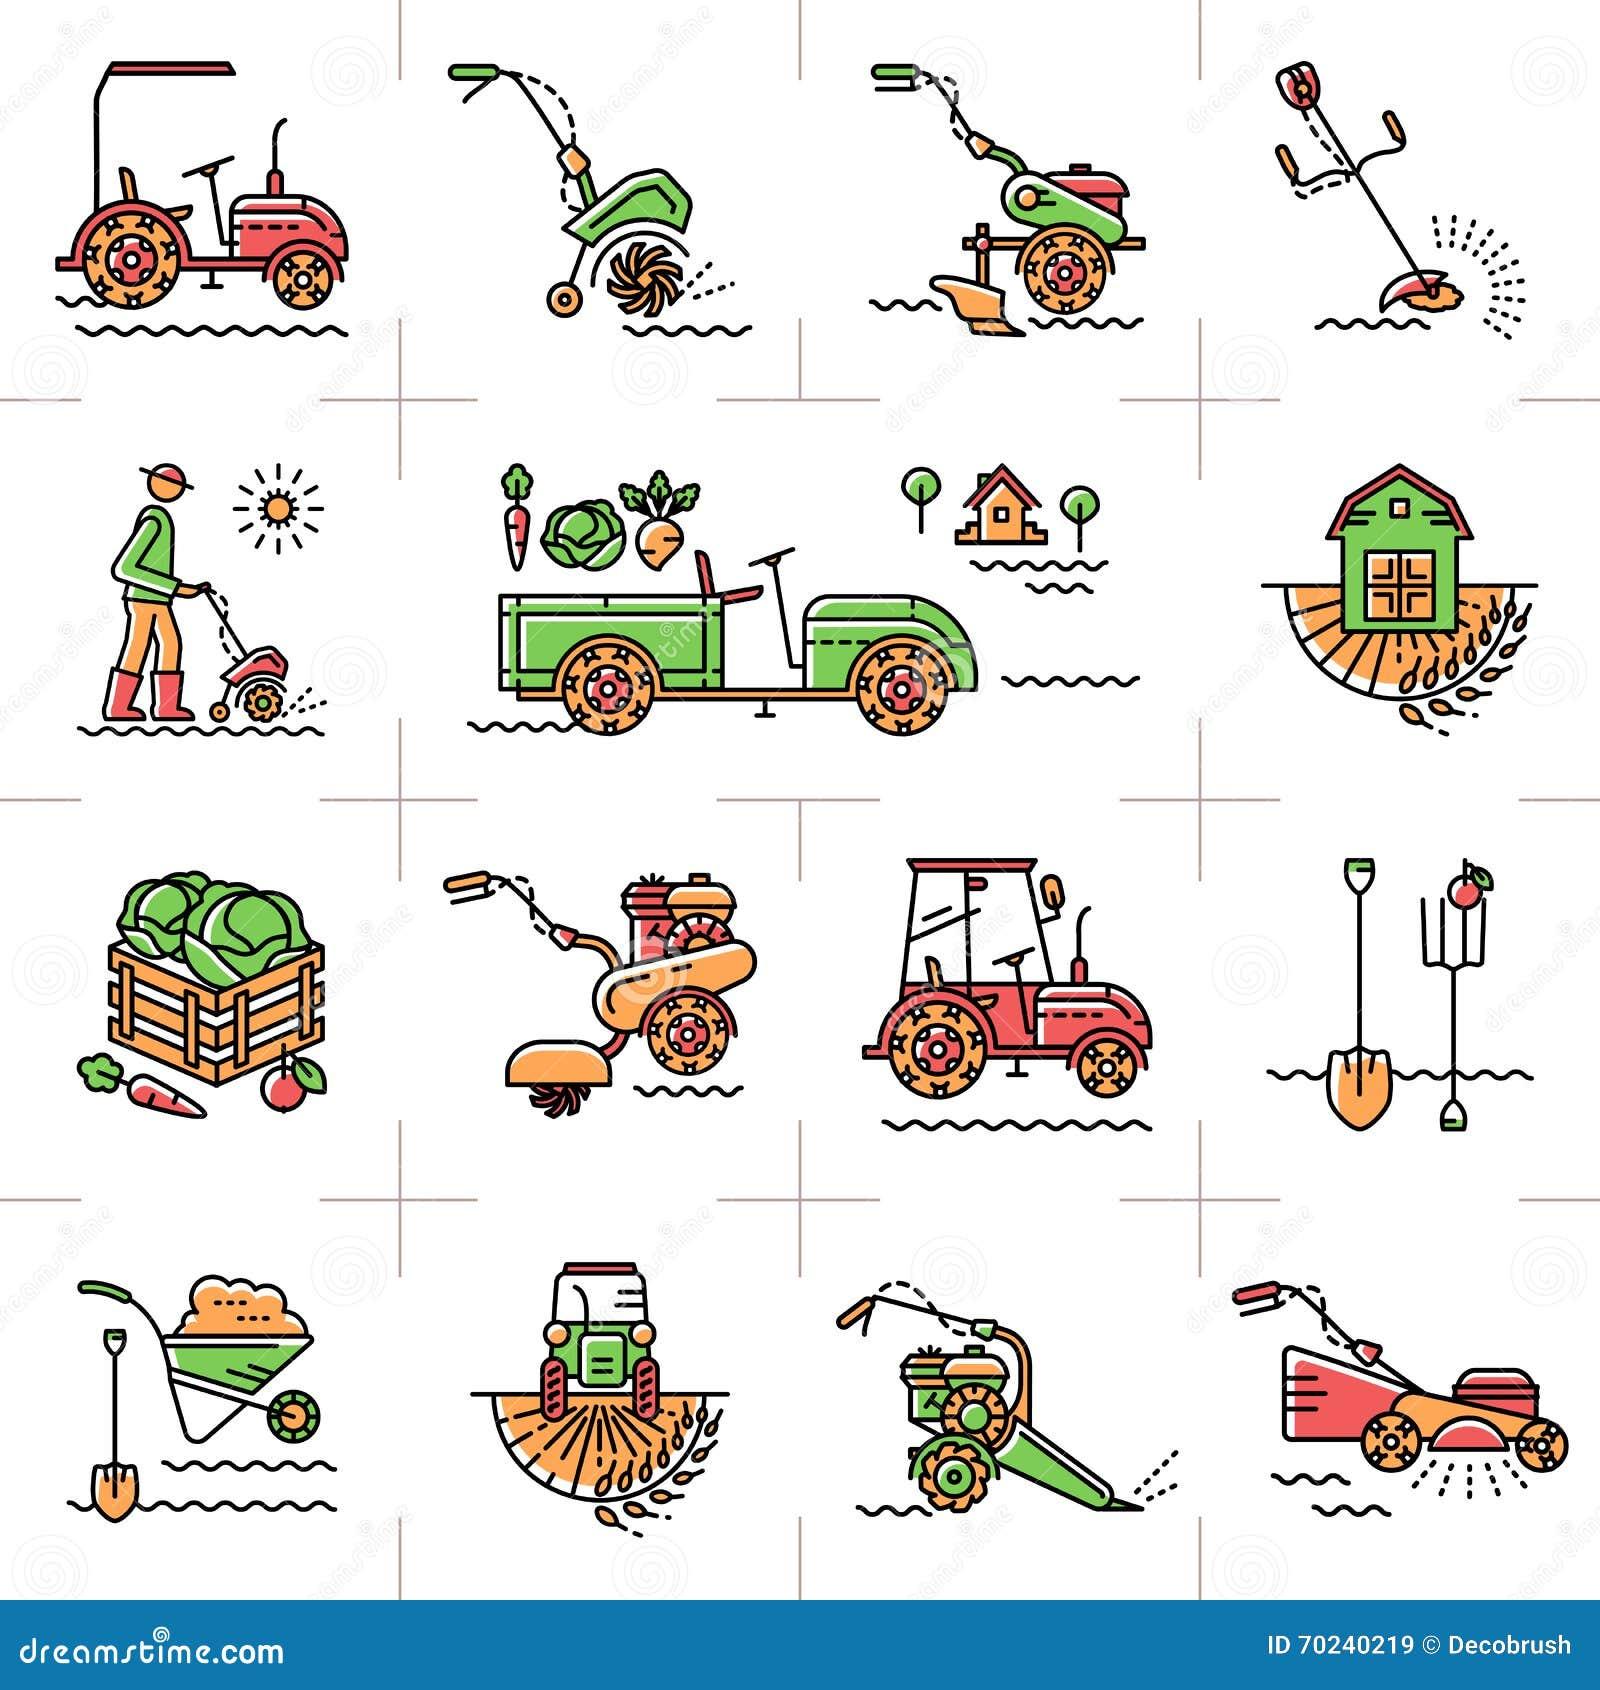 L nea utensilios de jardiner a de la maquinaria agr cola for Maquinaria y utensilios para la produccion culinaria